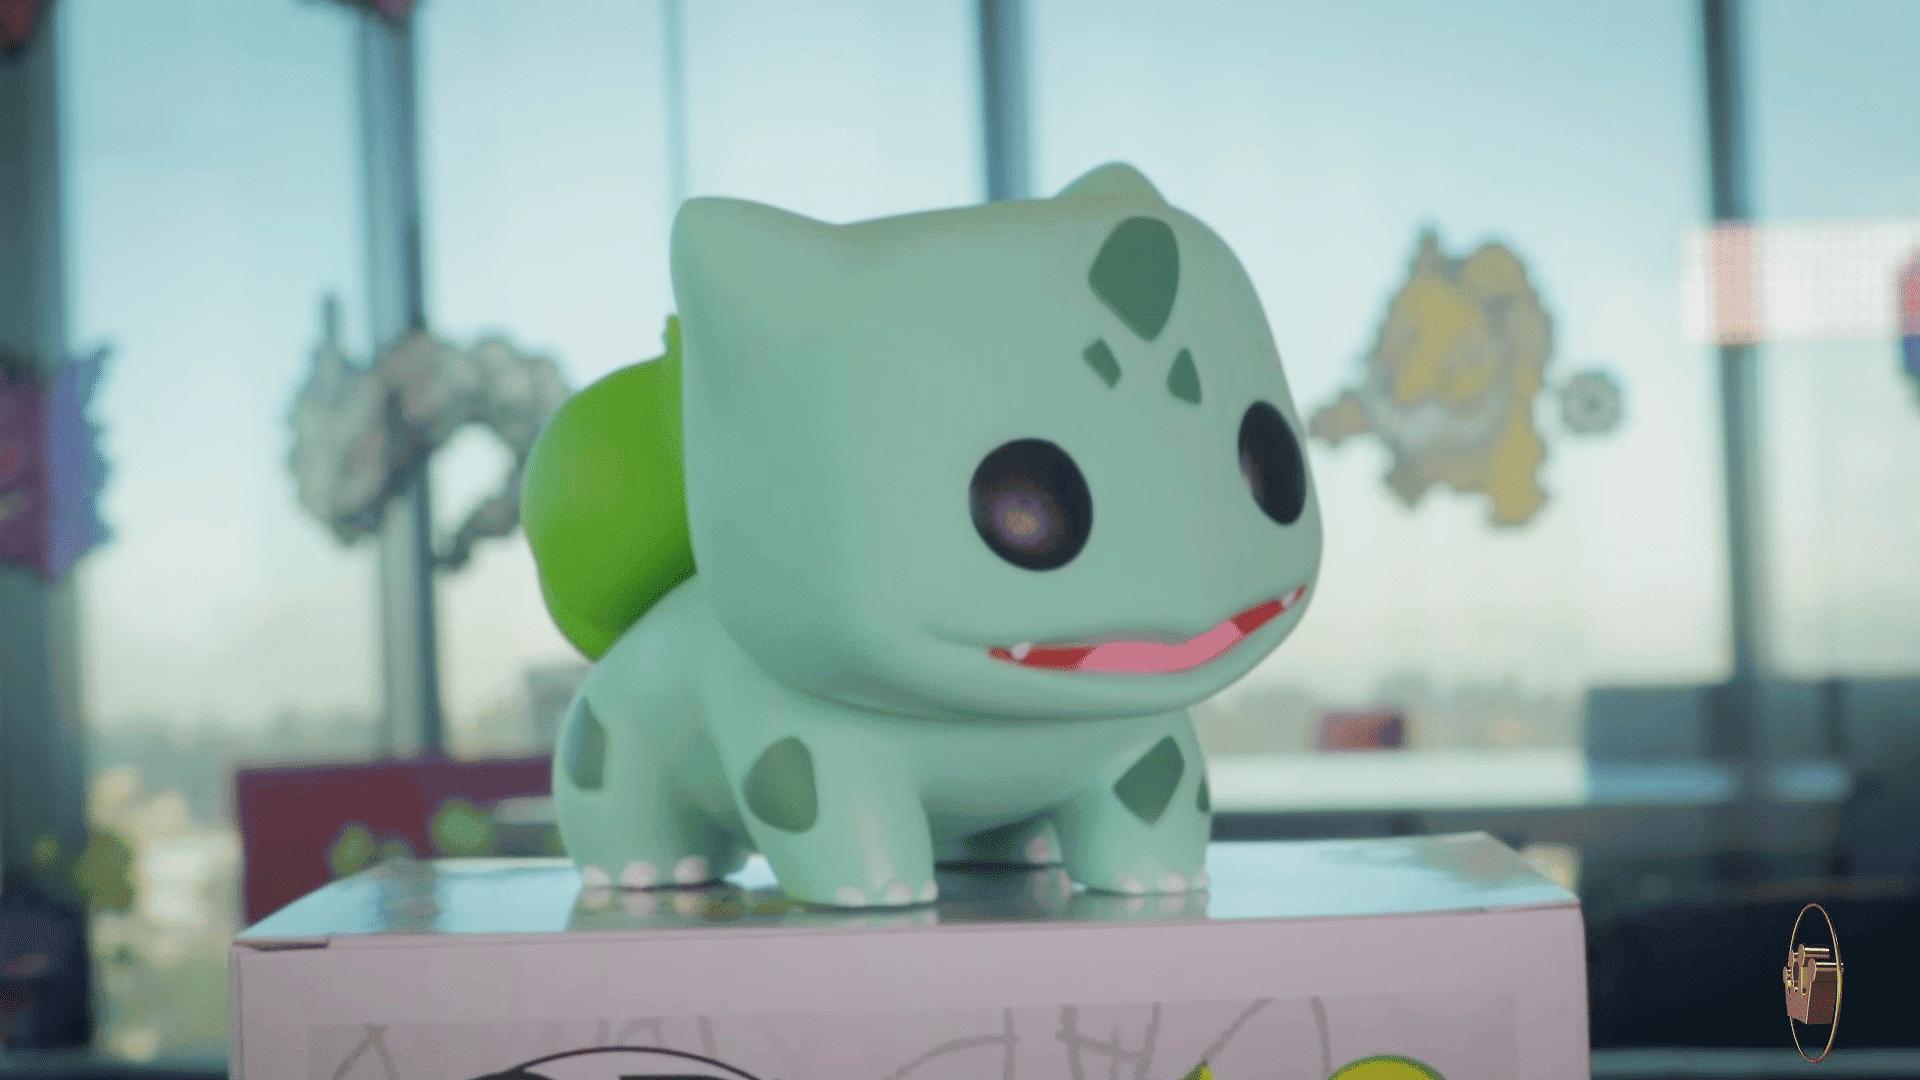 Unboxing de la figura Funko Pop Pokémon de Bulbasaur